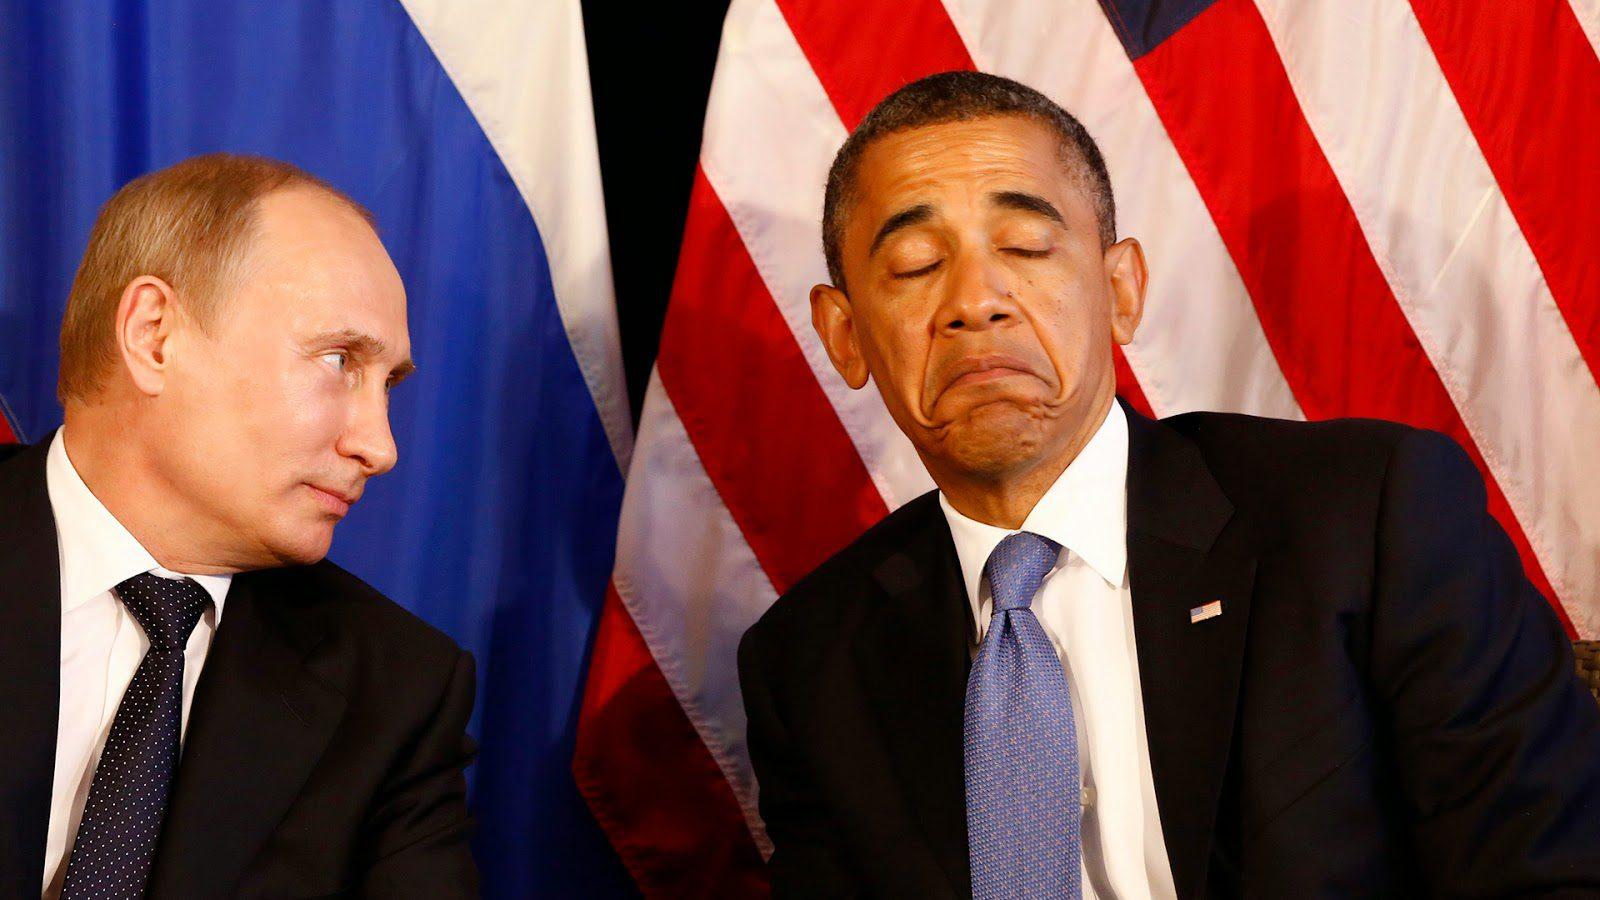 wpid-obama-and-putin1.jpg